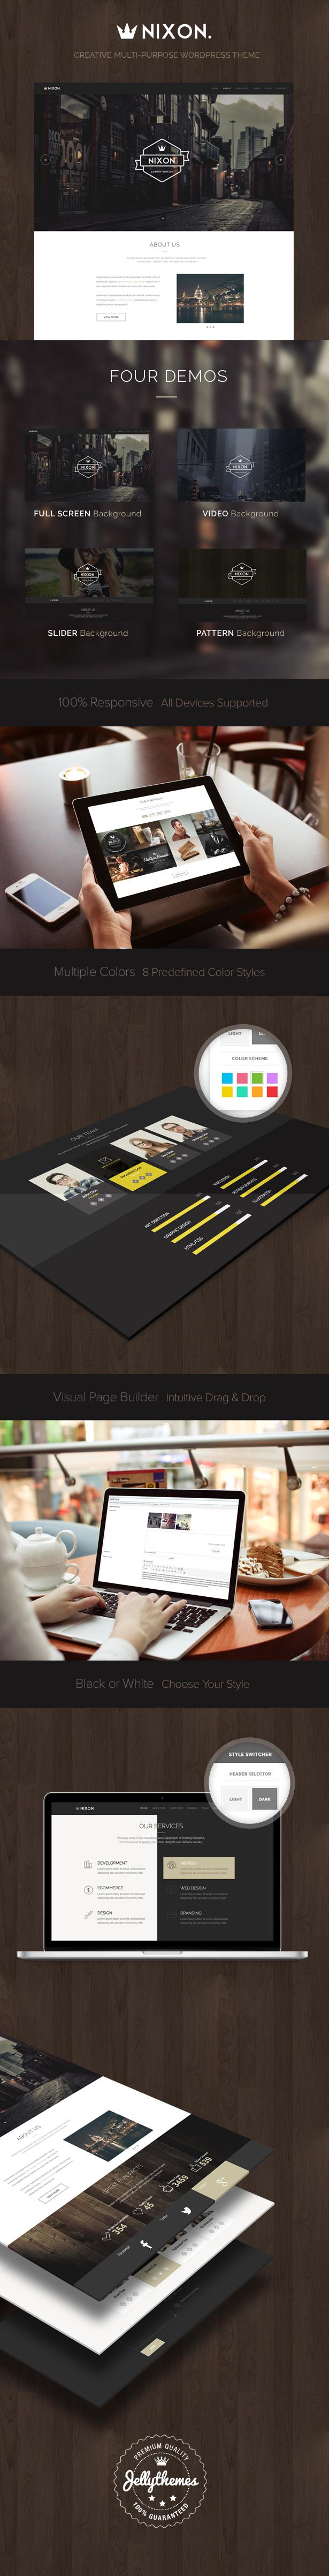 Nixon - Creative One Page Multi-Purpose Theme - 1